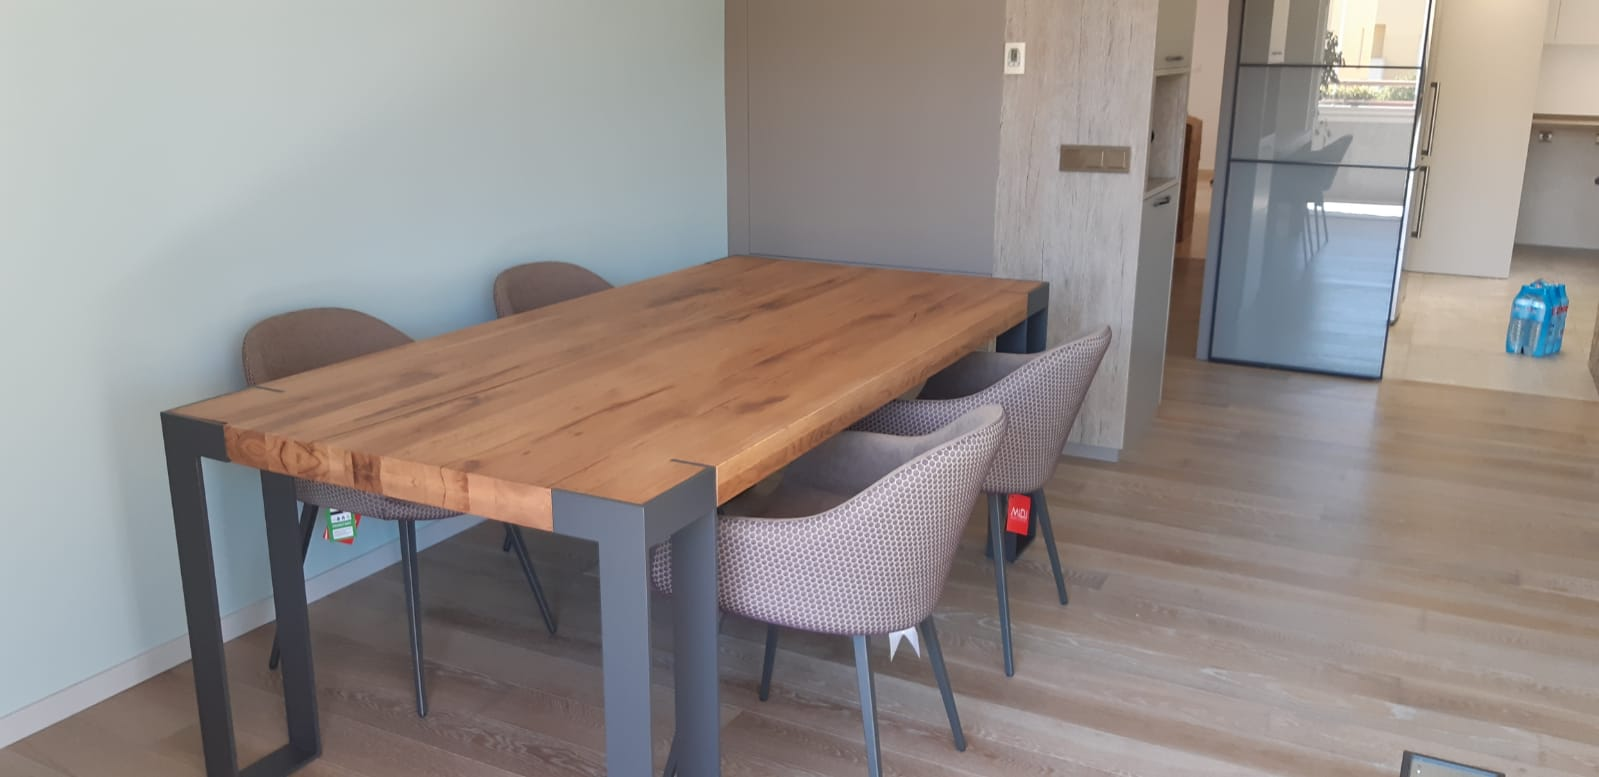 Comedores y salones modernos en Murcia